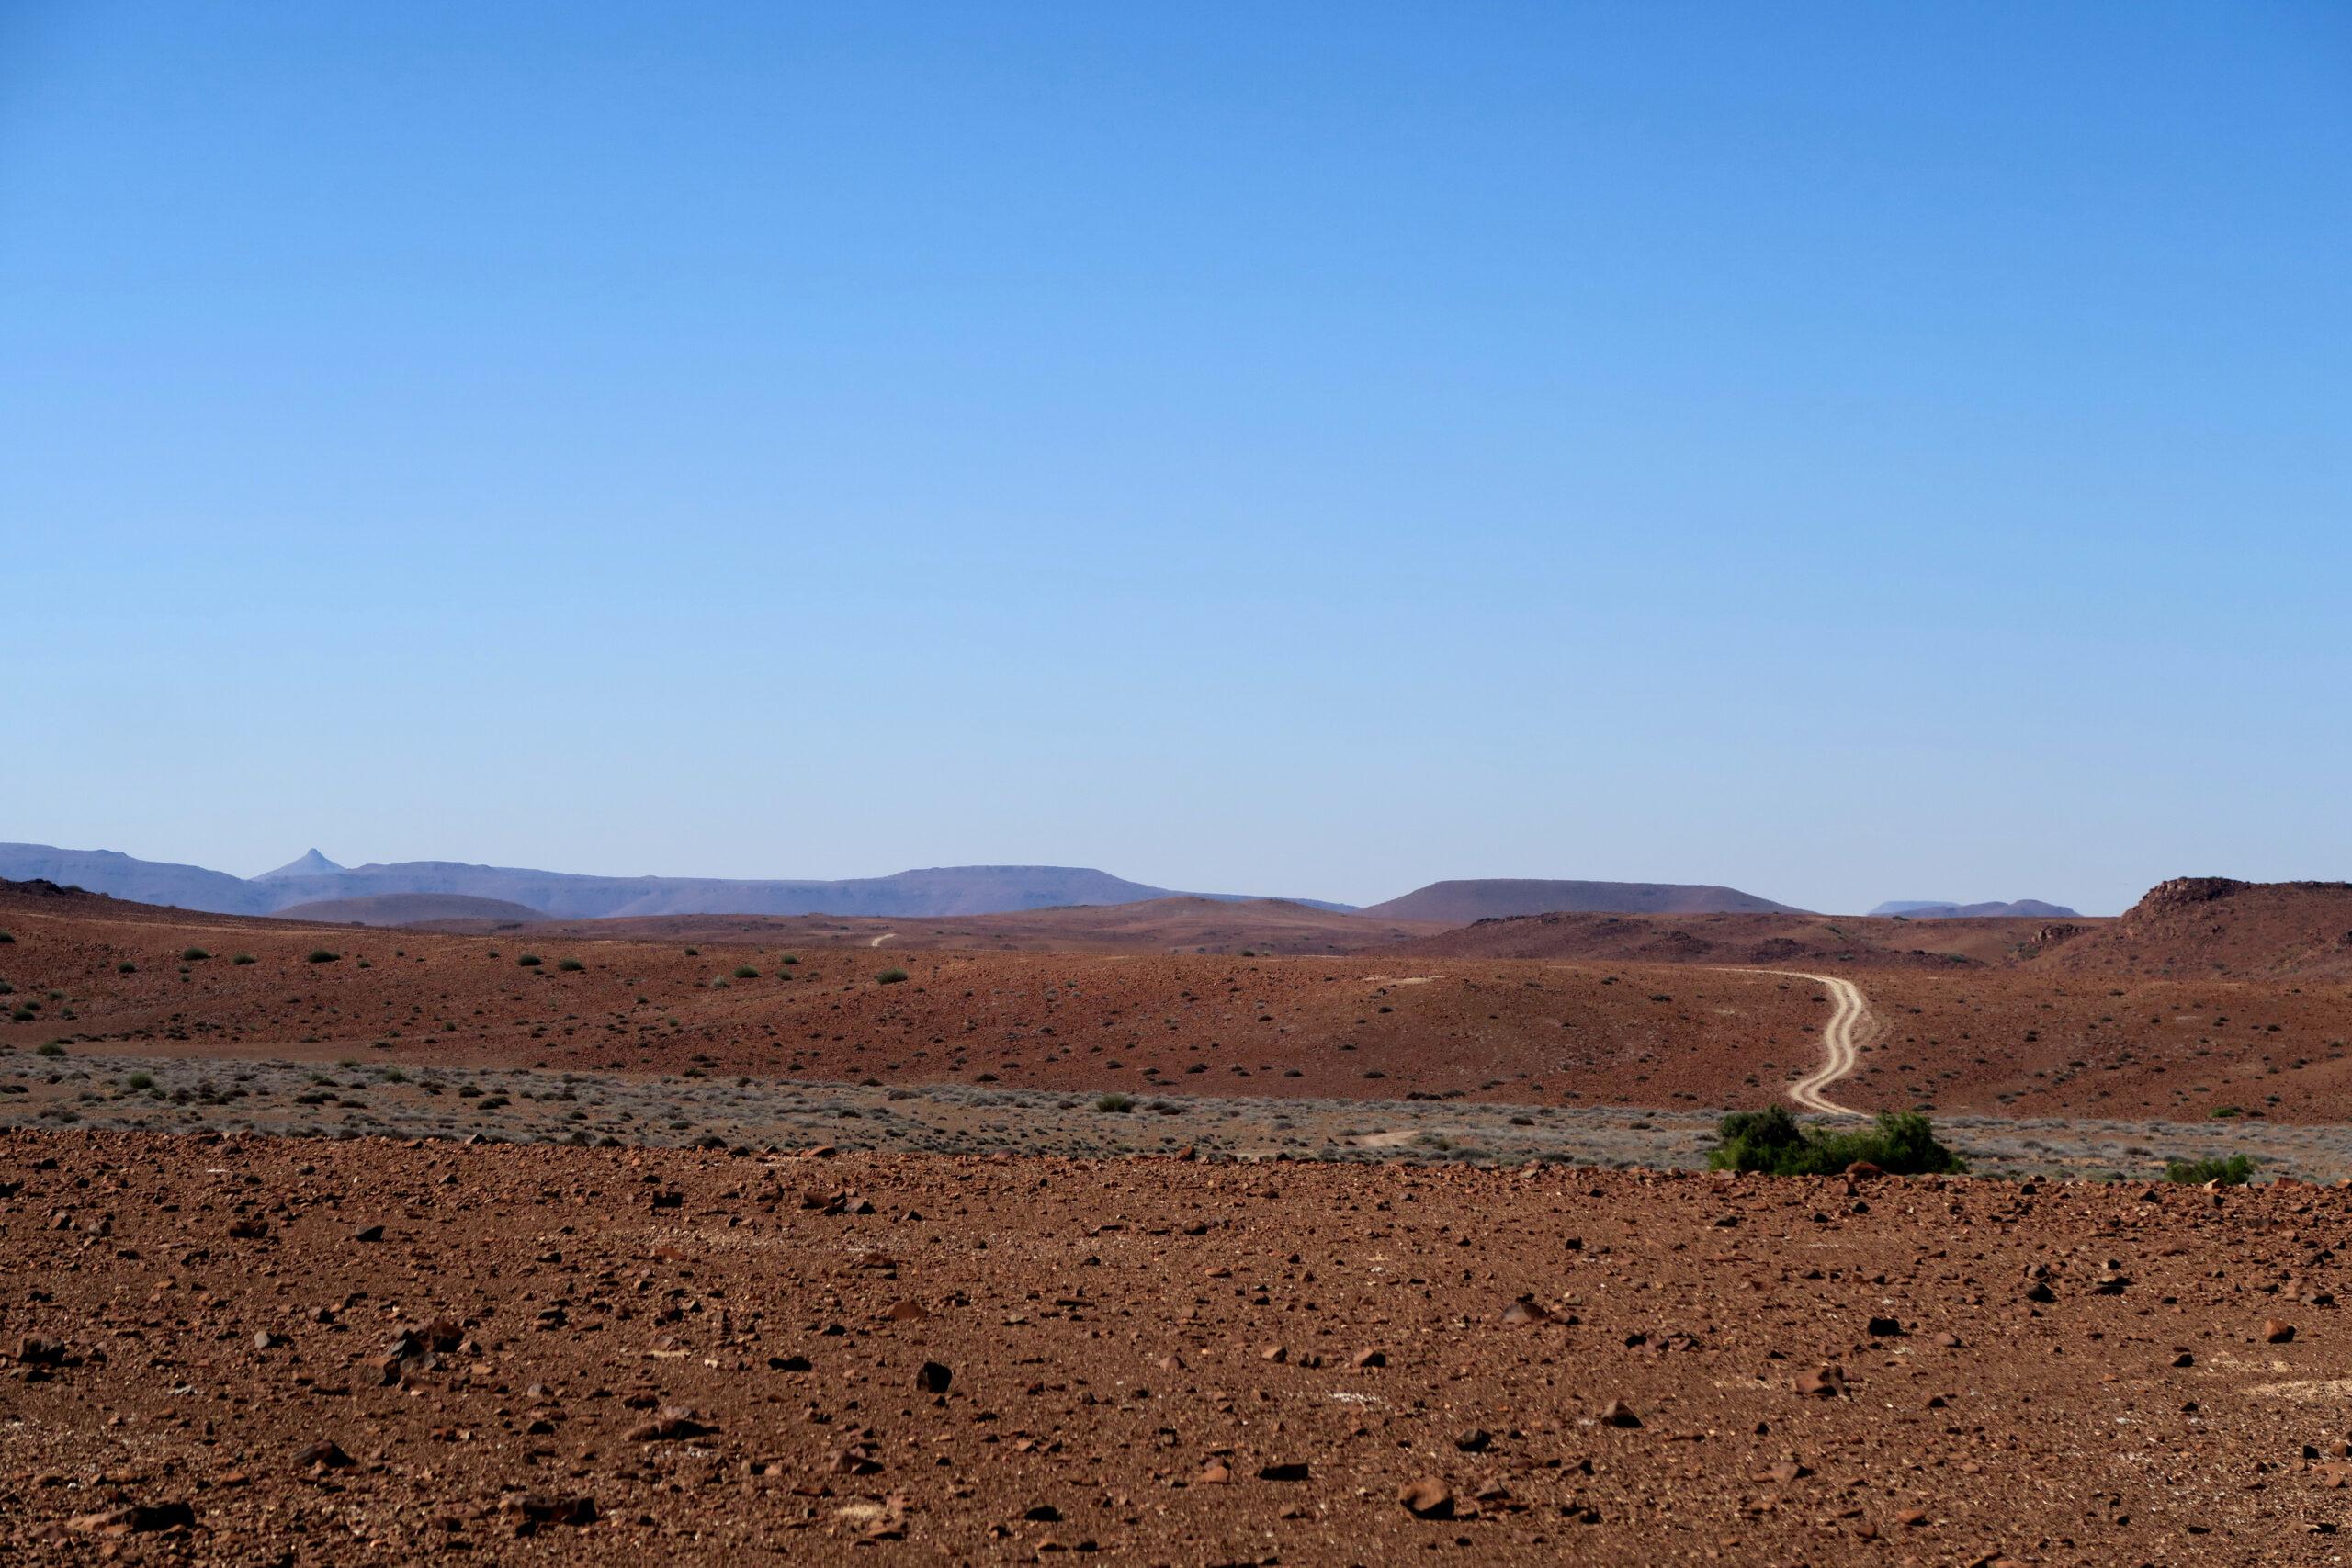 Op zoek naar de weg, Damaraland, Namibie 4x4